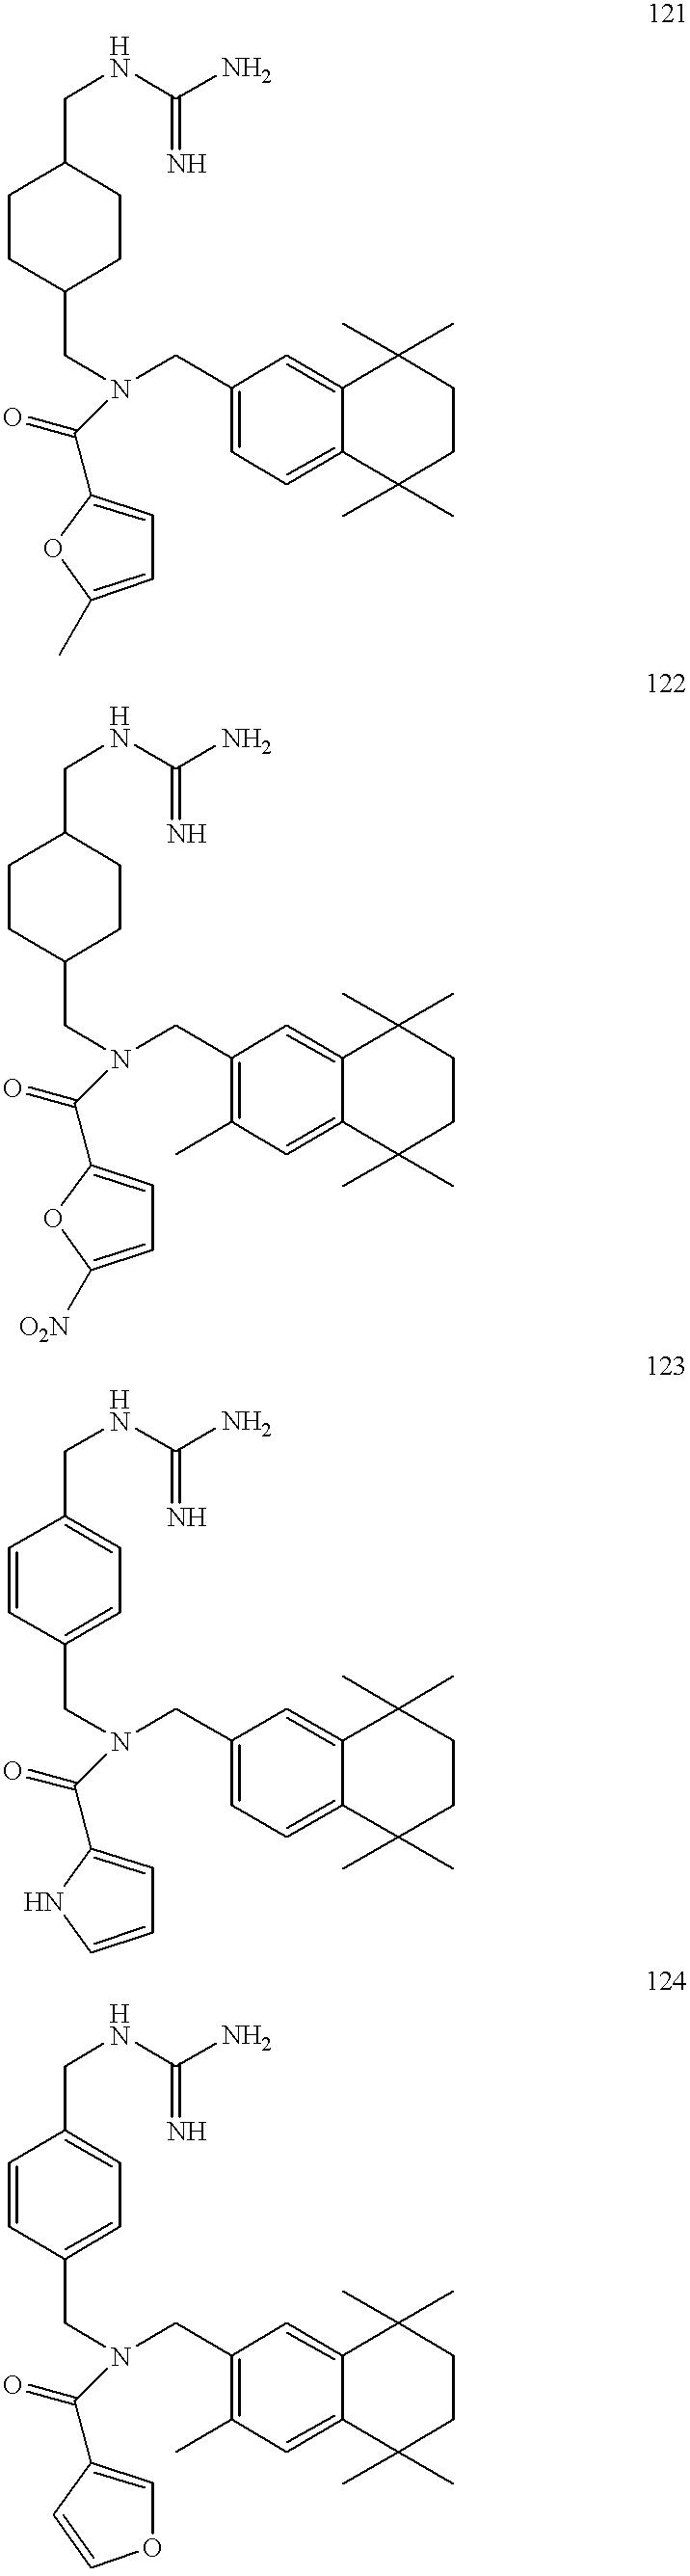 Figure US06218426-20010417-C00022